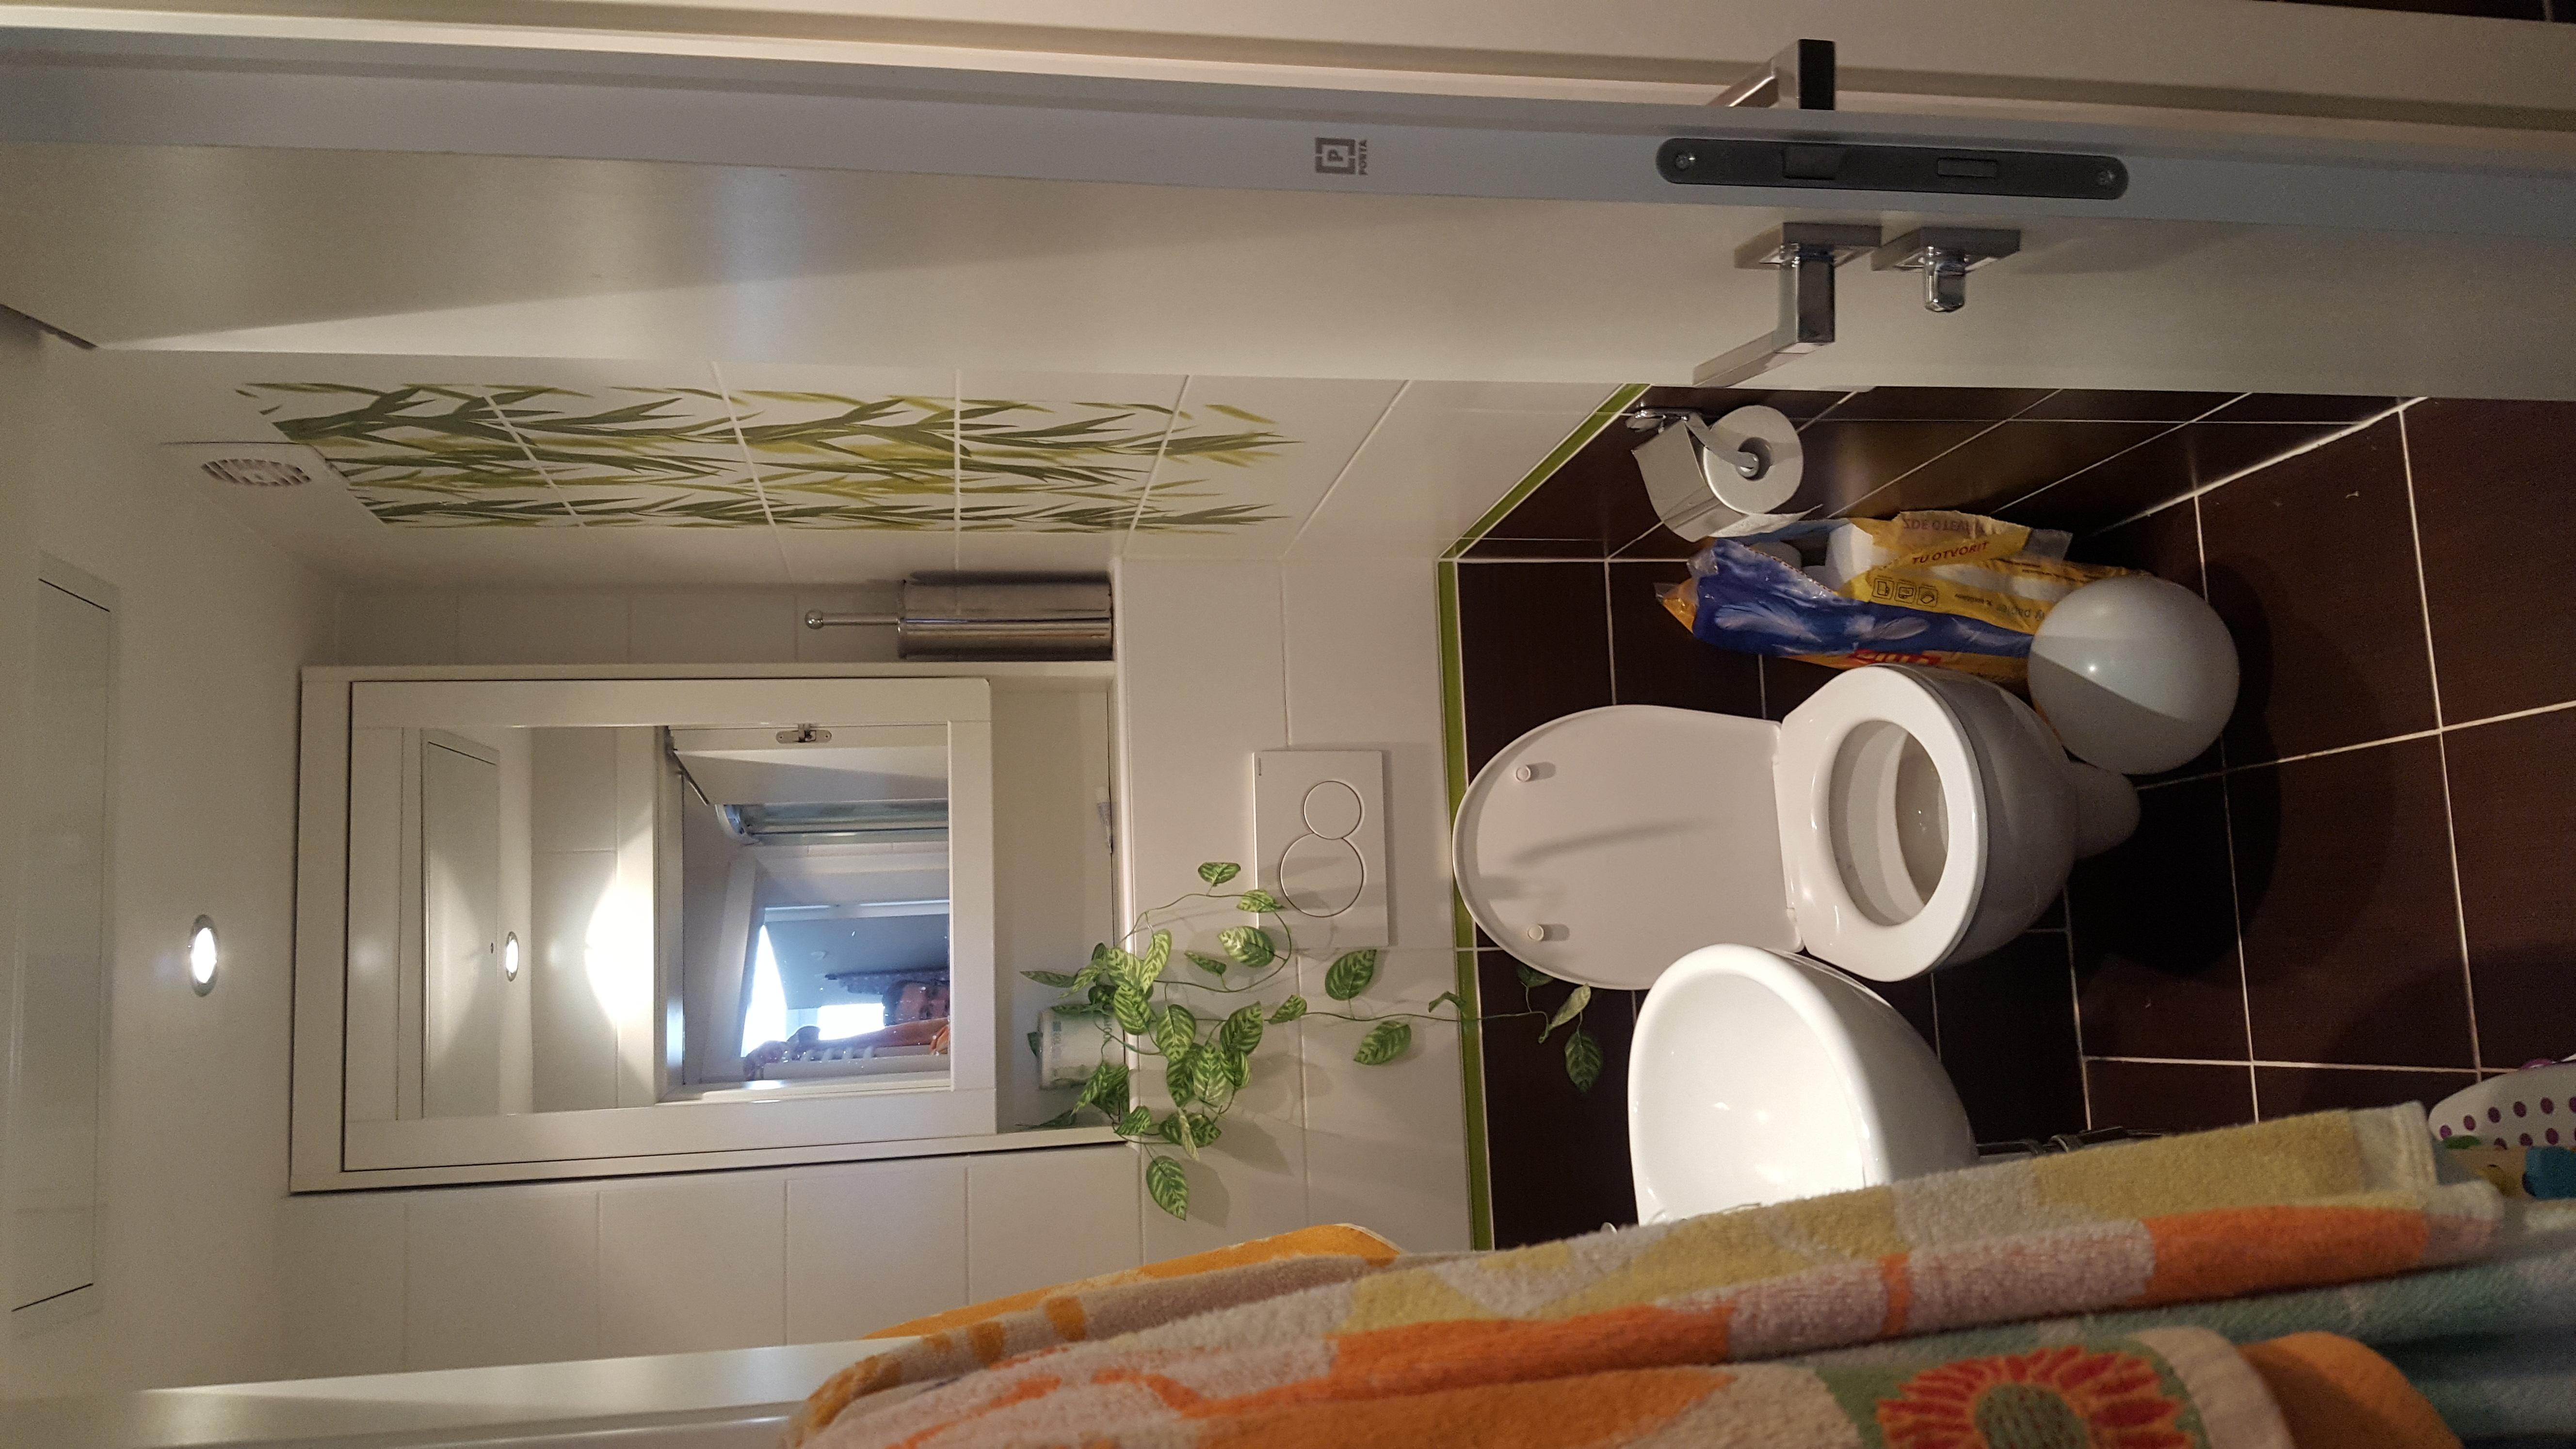 למכירה בשכונת Liben בפראג 8 דירת 2+KK בגודל 42 מר (4)